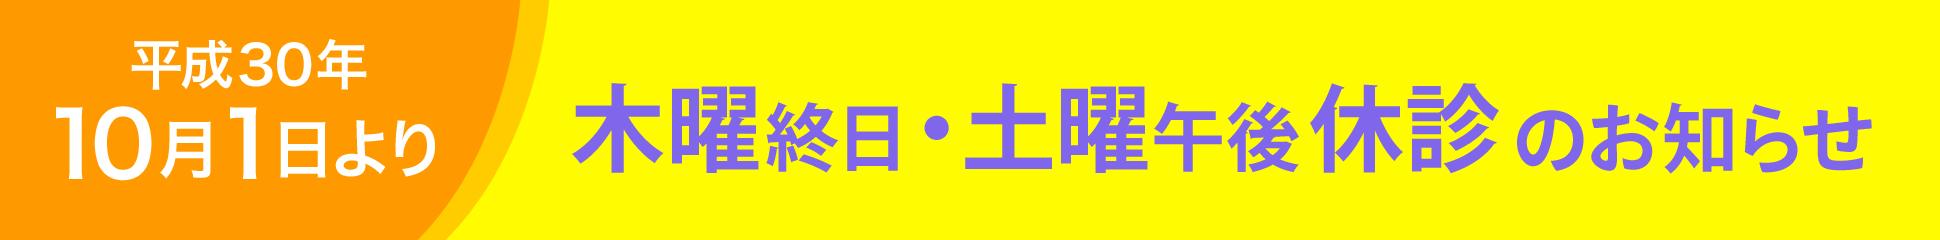 平成30年10月1日より、木曜終日・土曜午後休診のお知らせ